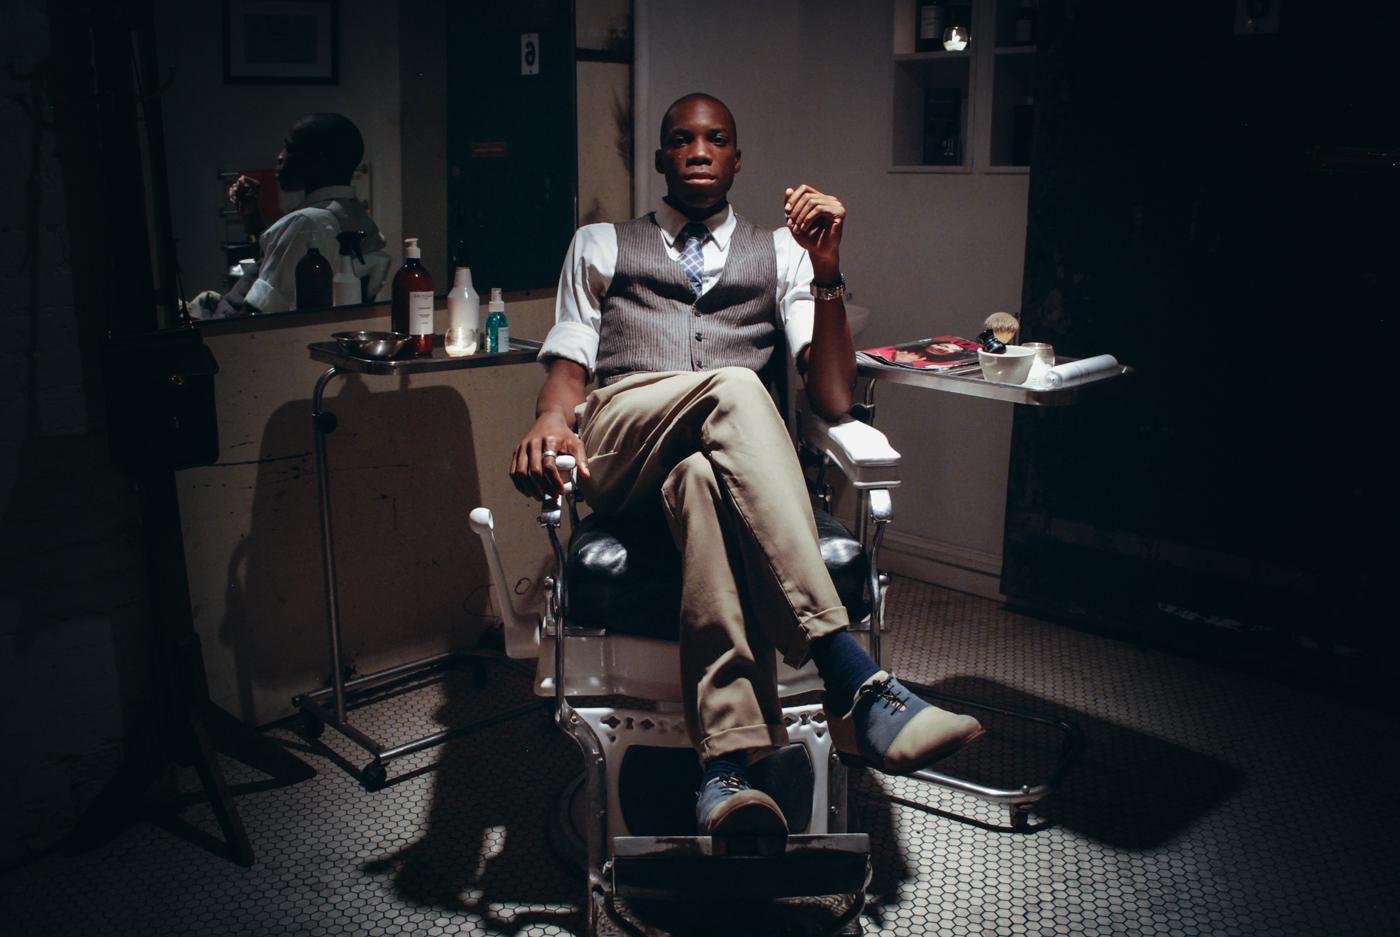 Nick-Johnson_Mr-Aesthetic_Photography_Portrait_Blind-Barber-1.jpg